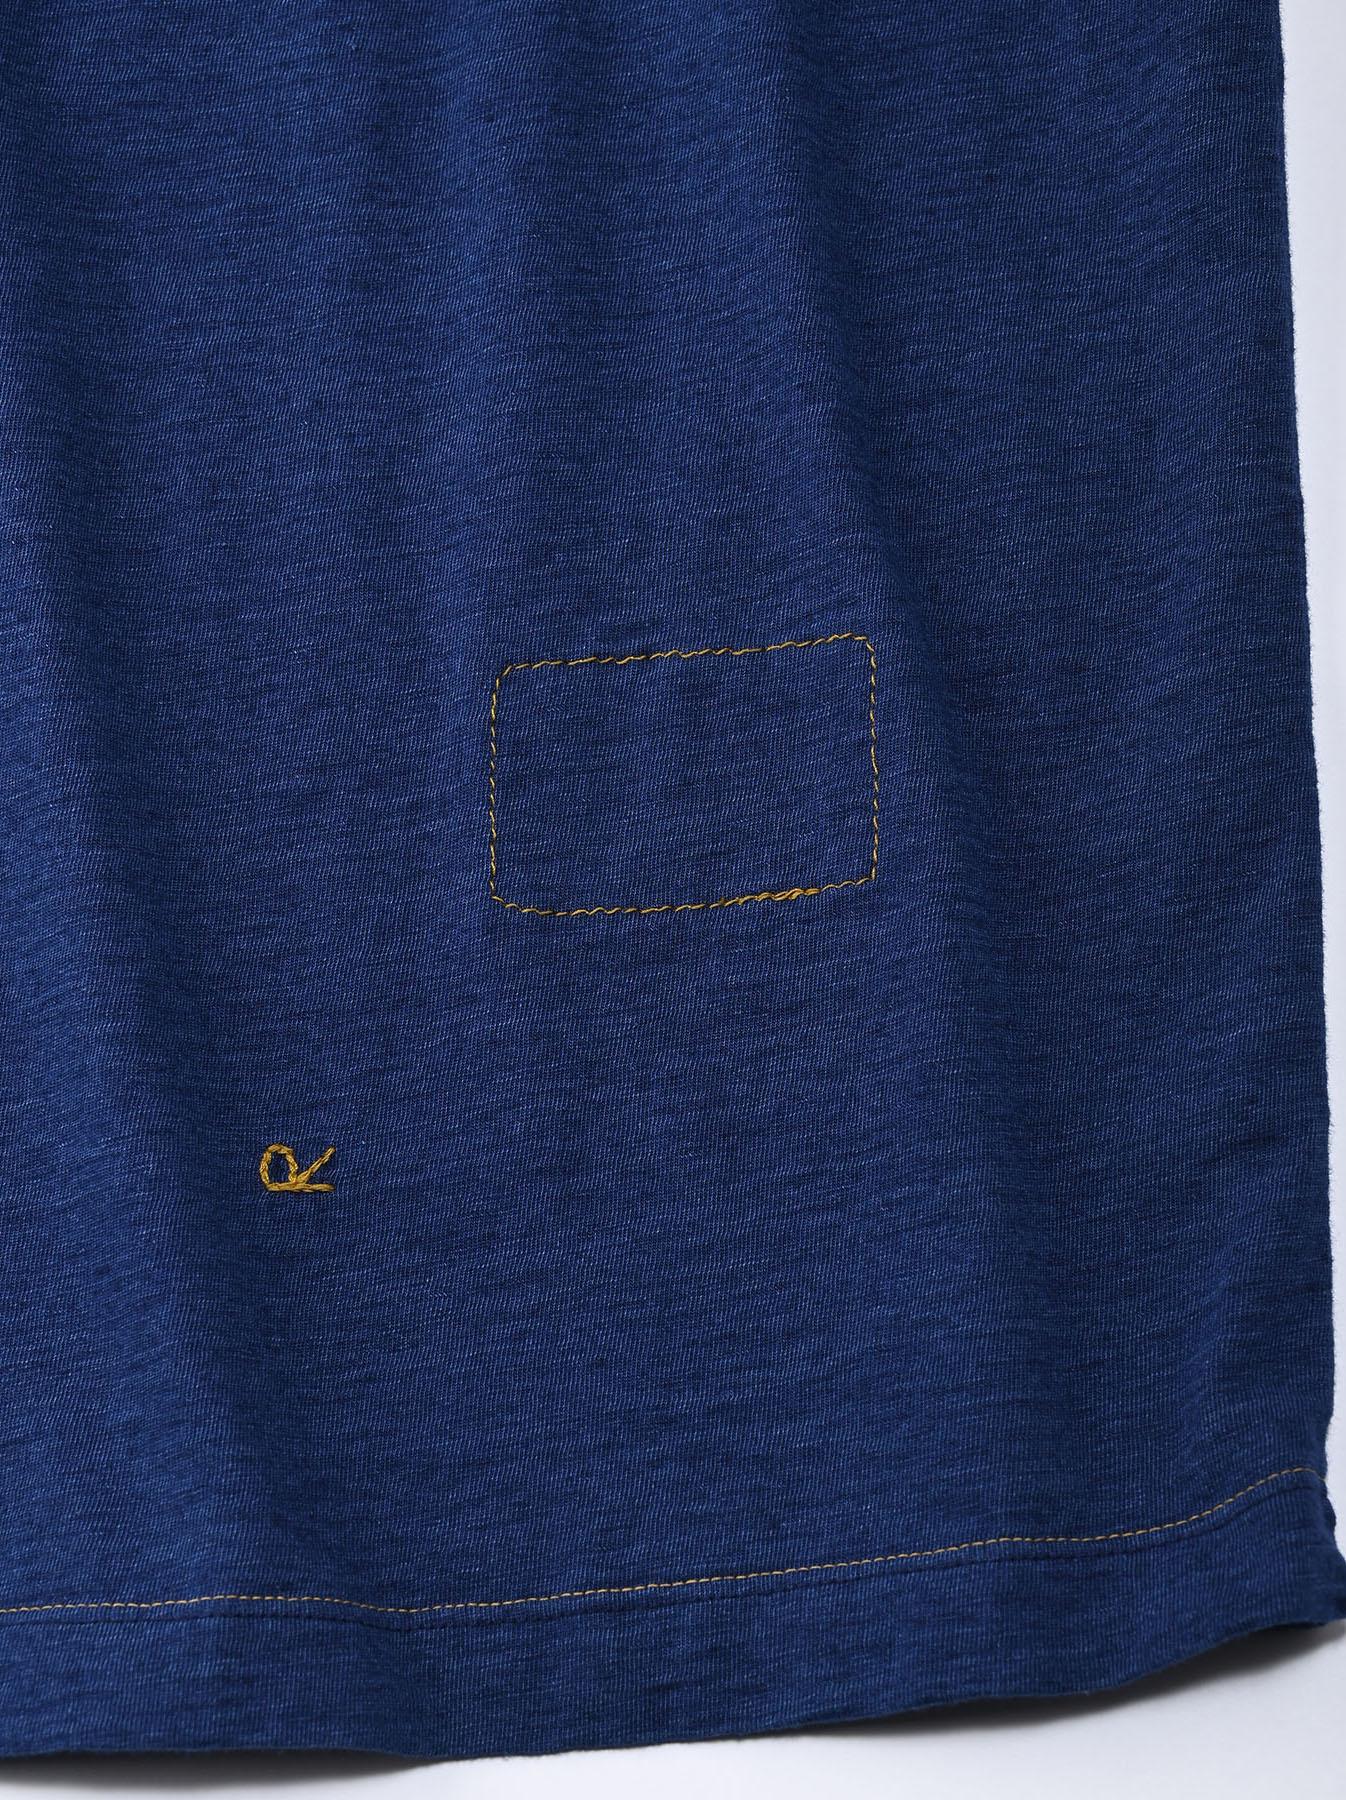 Indigo Lei Surf Print 908 Ocean T-Shirt (0521)-10